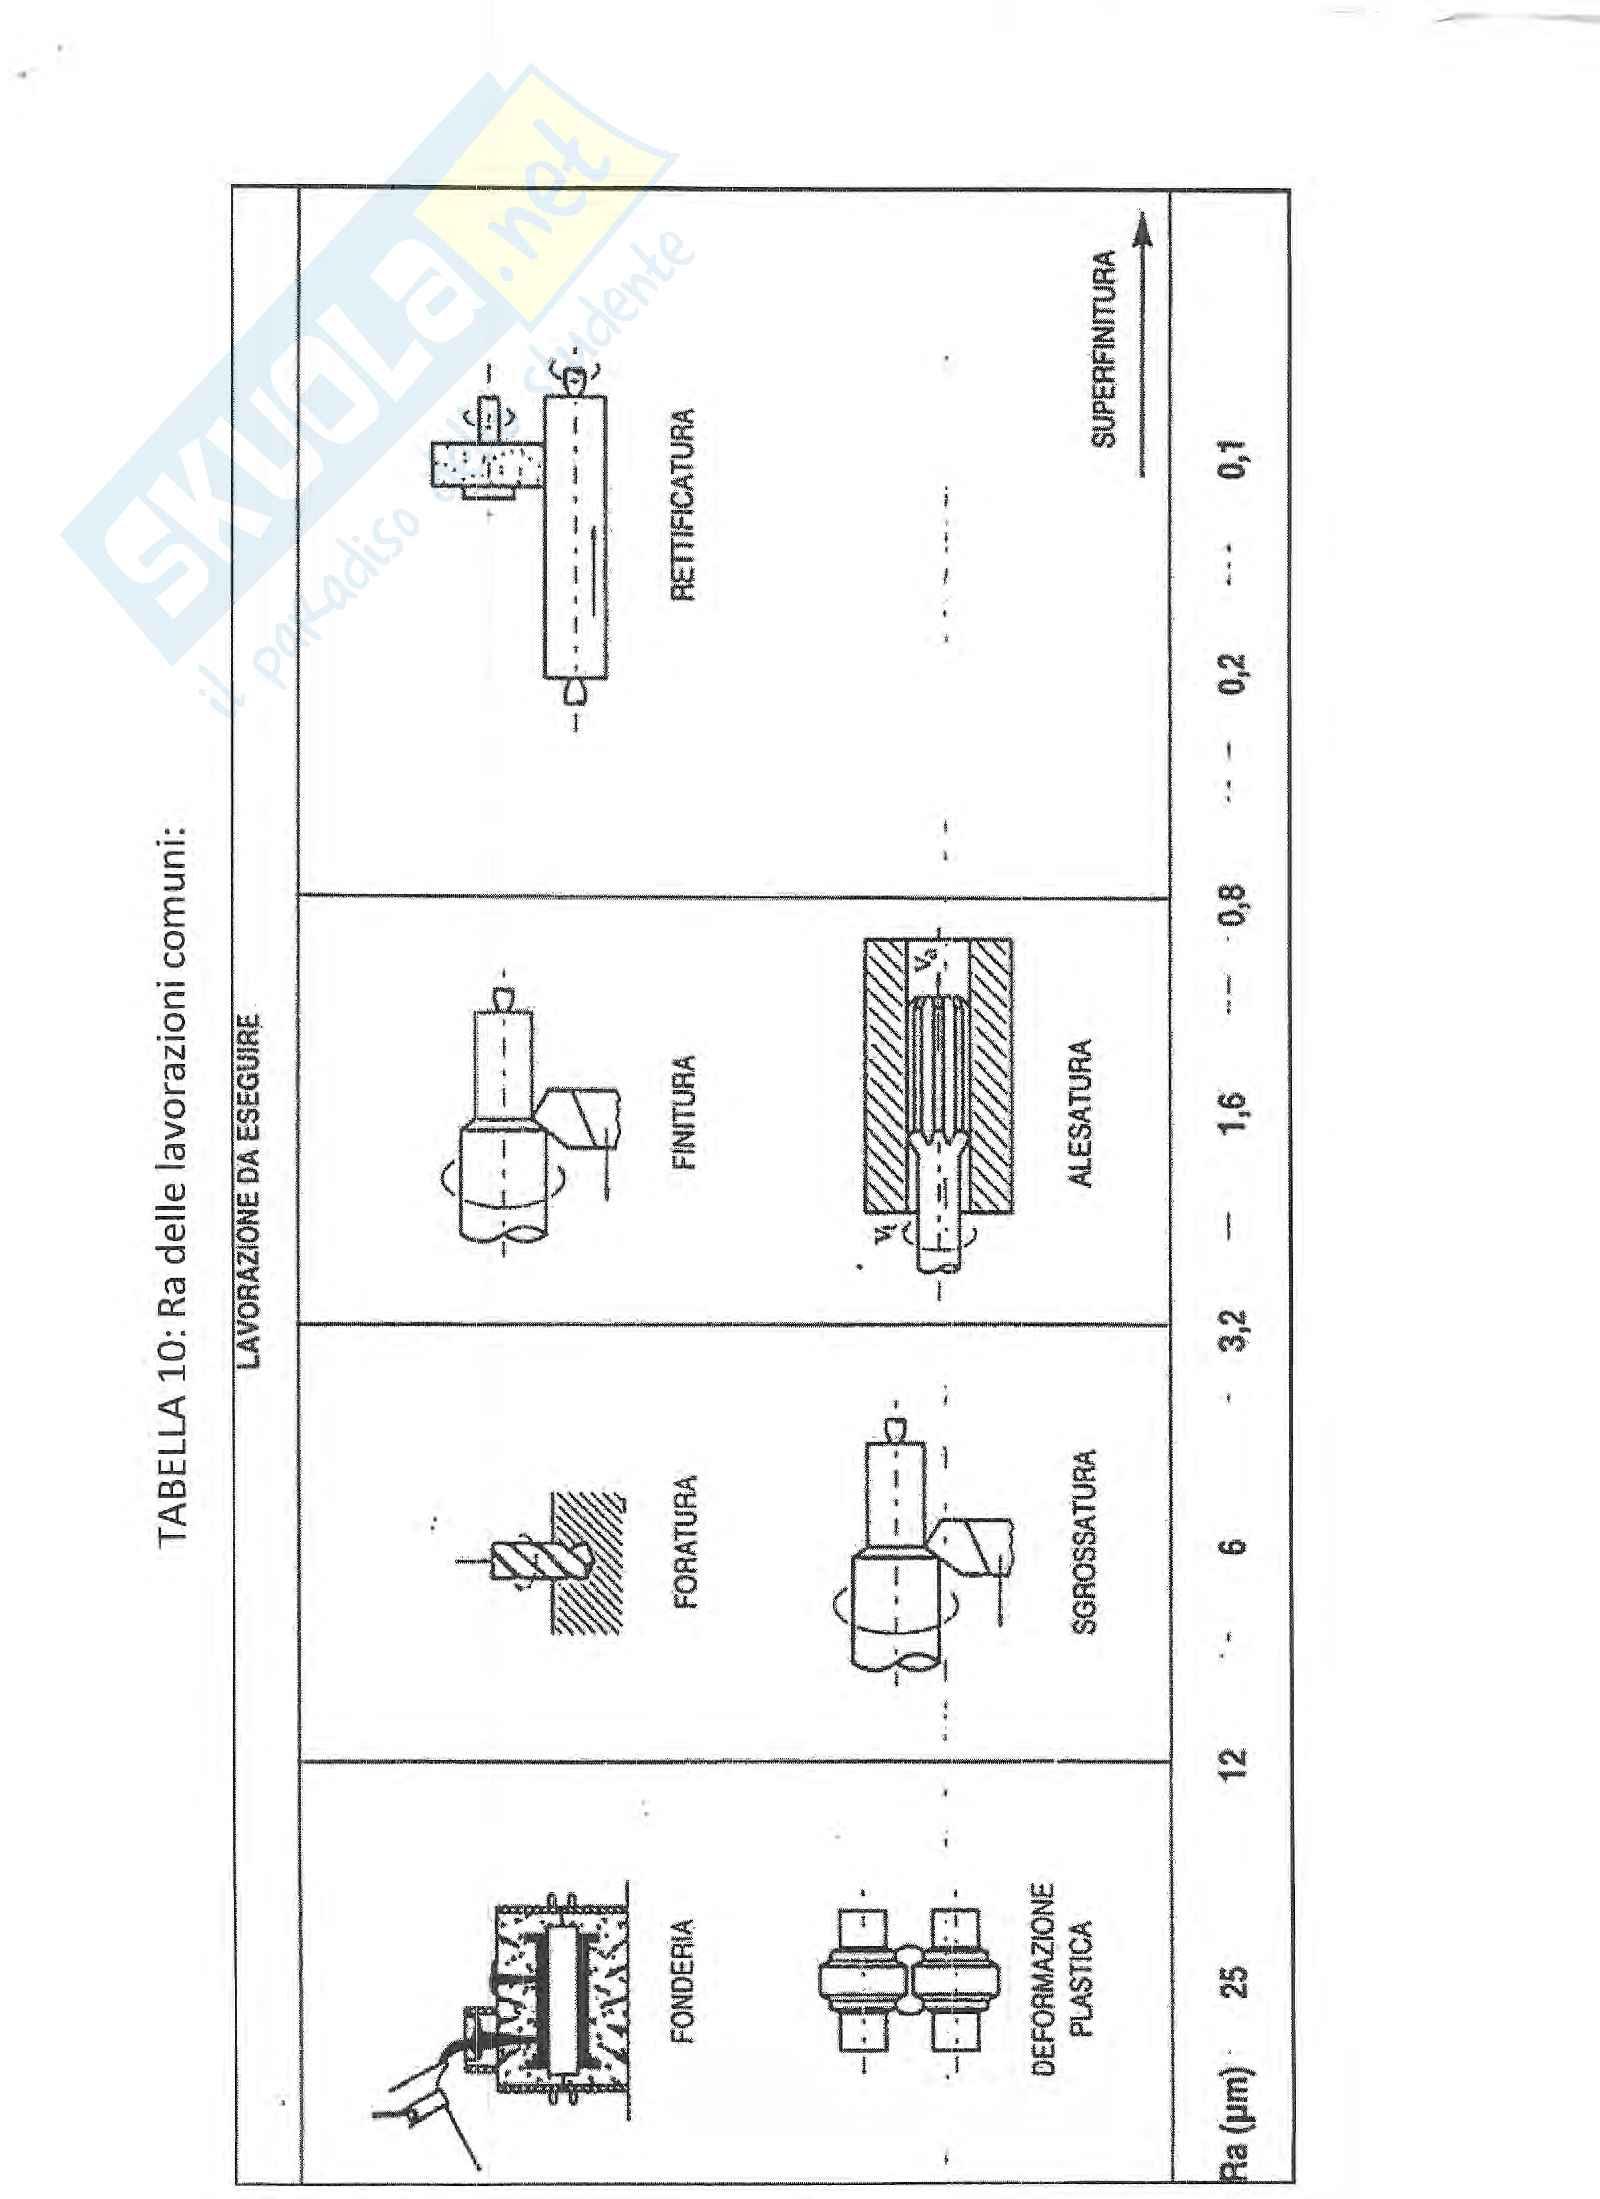 Appunti su accoppiamenti, giochi, tolleranze disegno tecnico industriale Pag. 26